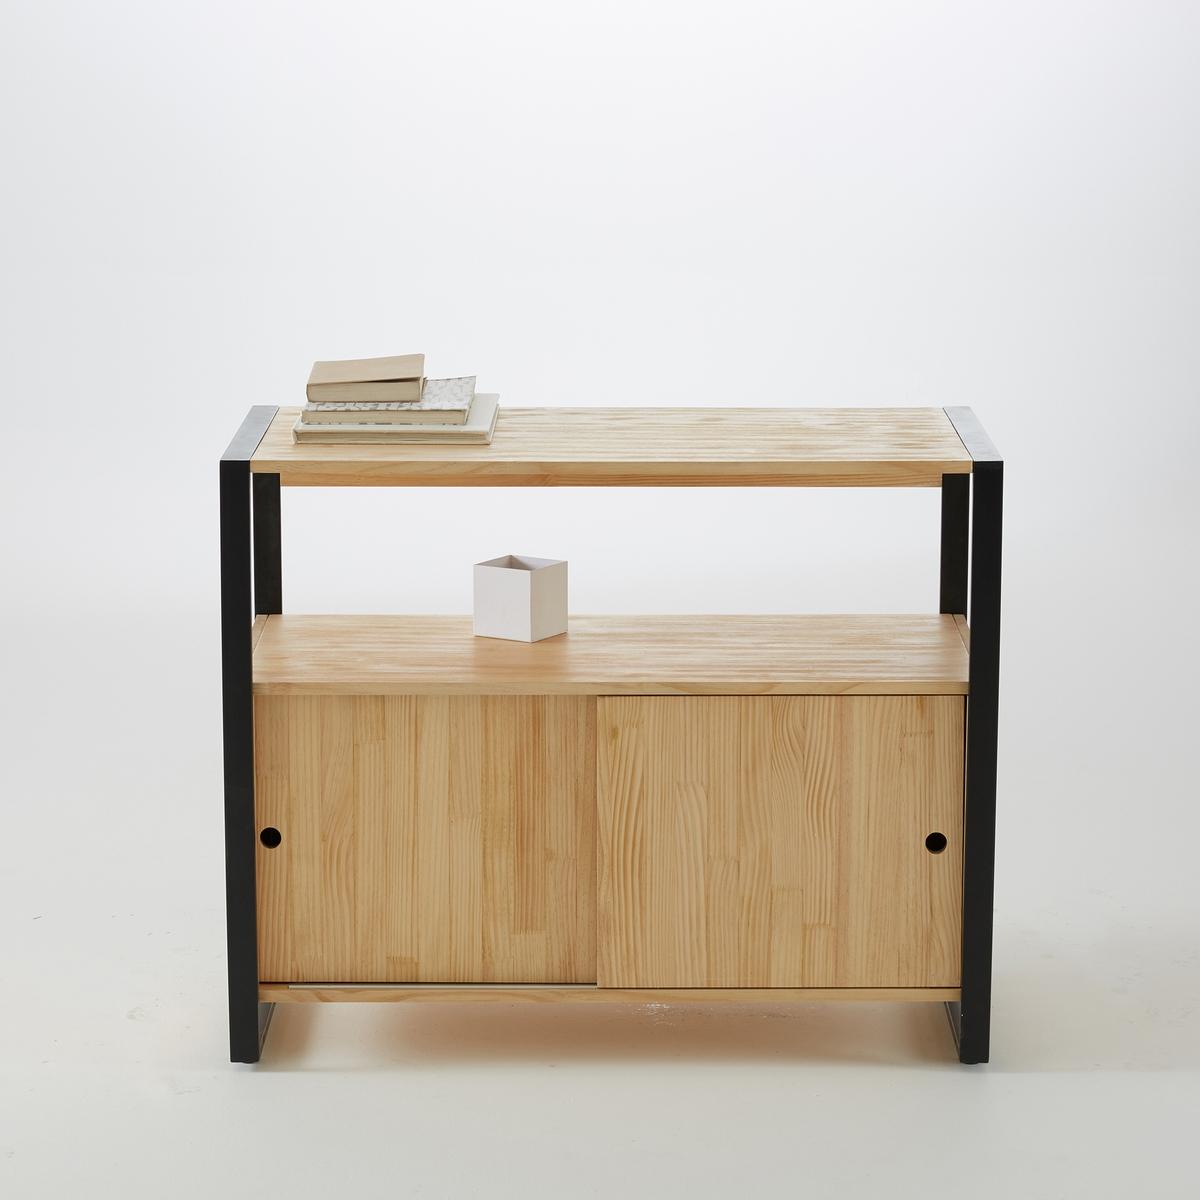 Стол-тумба из массива сосны и металла, HibaНизкий стол-тумба для ванной комнаты, Hiba. Модель без лишних деталей, очень сдержанная, может использоваться самостоятельно или в сочетании с моделями высокой мебели, или с зеркалом, которые продаются на сайте laredoute.ru.Описание:- 2 дверцы раздвижные.- 1 столешница.- 1 полка.Характеристики:- Металлическая конструкция, отделка порошковой эпоксидной чёрной матовой краской.- Столешница, дверцы и боковые панели из сосны, толщ. 15 мм, отделка нитроцеллюлозным лаком.- Дно из МДФ.Откройте для себя всю коллекцию Hiba на laredoute.ru Размеры:Общие:- Ширина: 90 см.- Глубина: 45 см.- Высота: 72,5 см. Размеры и вес в упаковке:1 упаковка. Шир. 100 x Гл. 53 x Выс. 19 см. 20,5 кг. Доставка: эта модель Hiba продаётся готовой к сборке. Возможна доставка до квартиры! Внимание! Убедитесь в том, что посылку возможно доставить на дом, учитывая ее габариты.<br><br>Цвет: серо-бежевый<br>Размер: единый размер